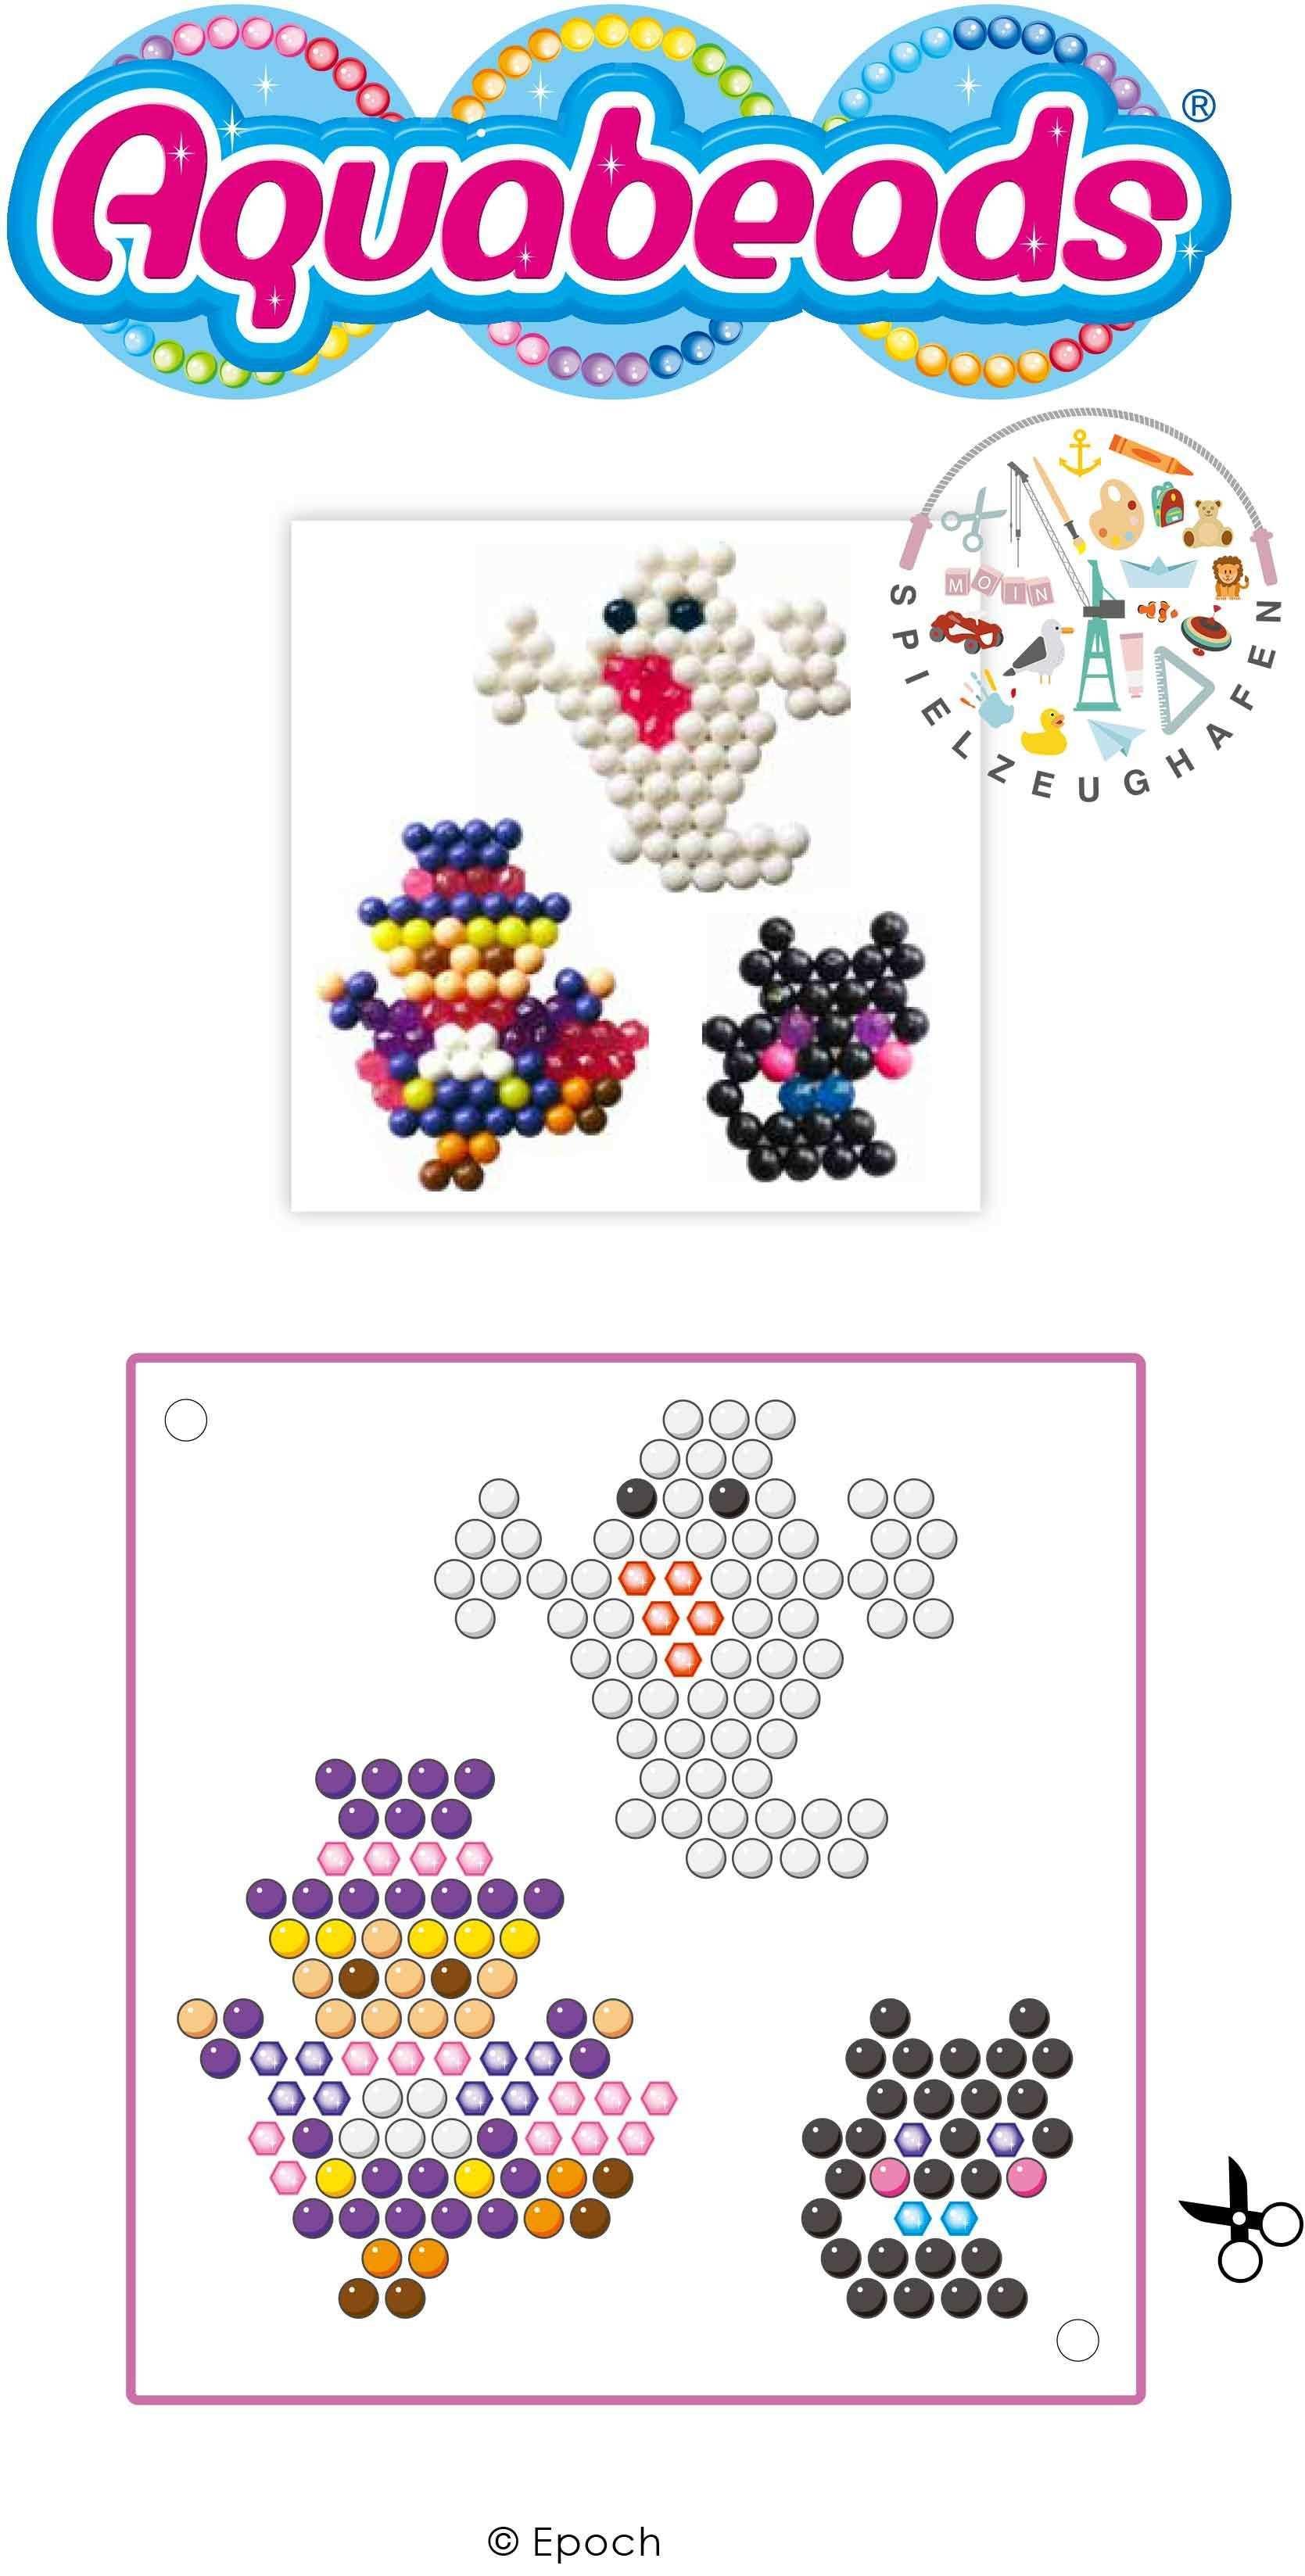 Aquabeads Ist Ein Sicheres Spielzeug Fur Kinder Ab 4 Jahren Es Wurde In Japan Entwickelt Und Ist Dort Seit 2004 Aquabeads Vorlagen Halloween Perlen Aquabeads